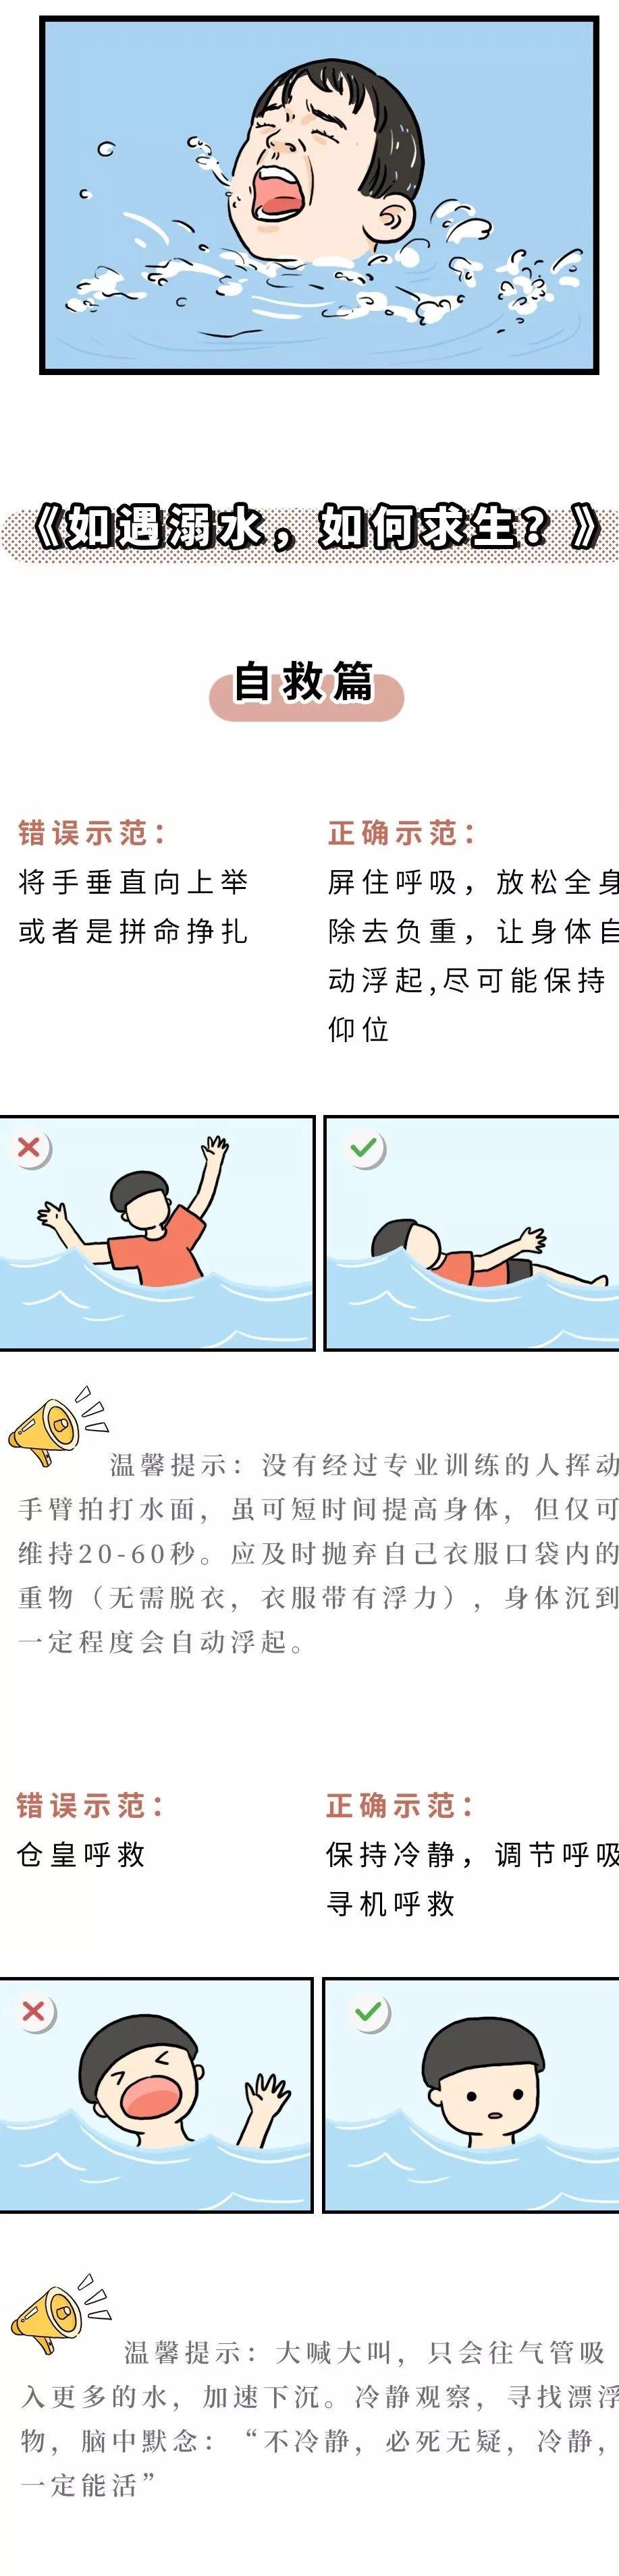 防溺水六不准四不要